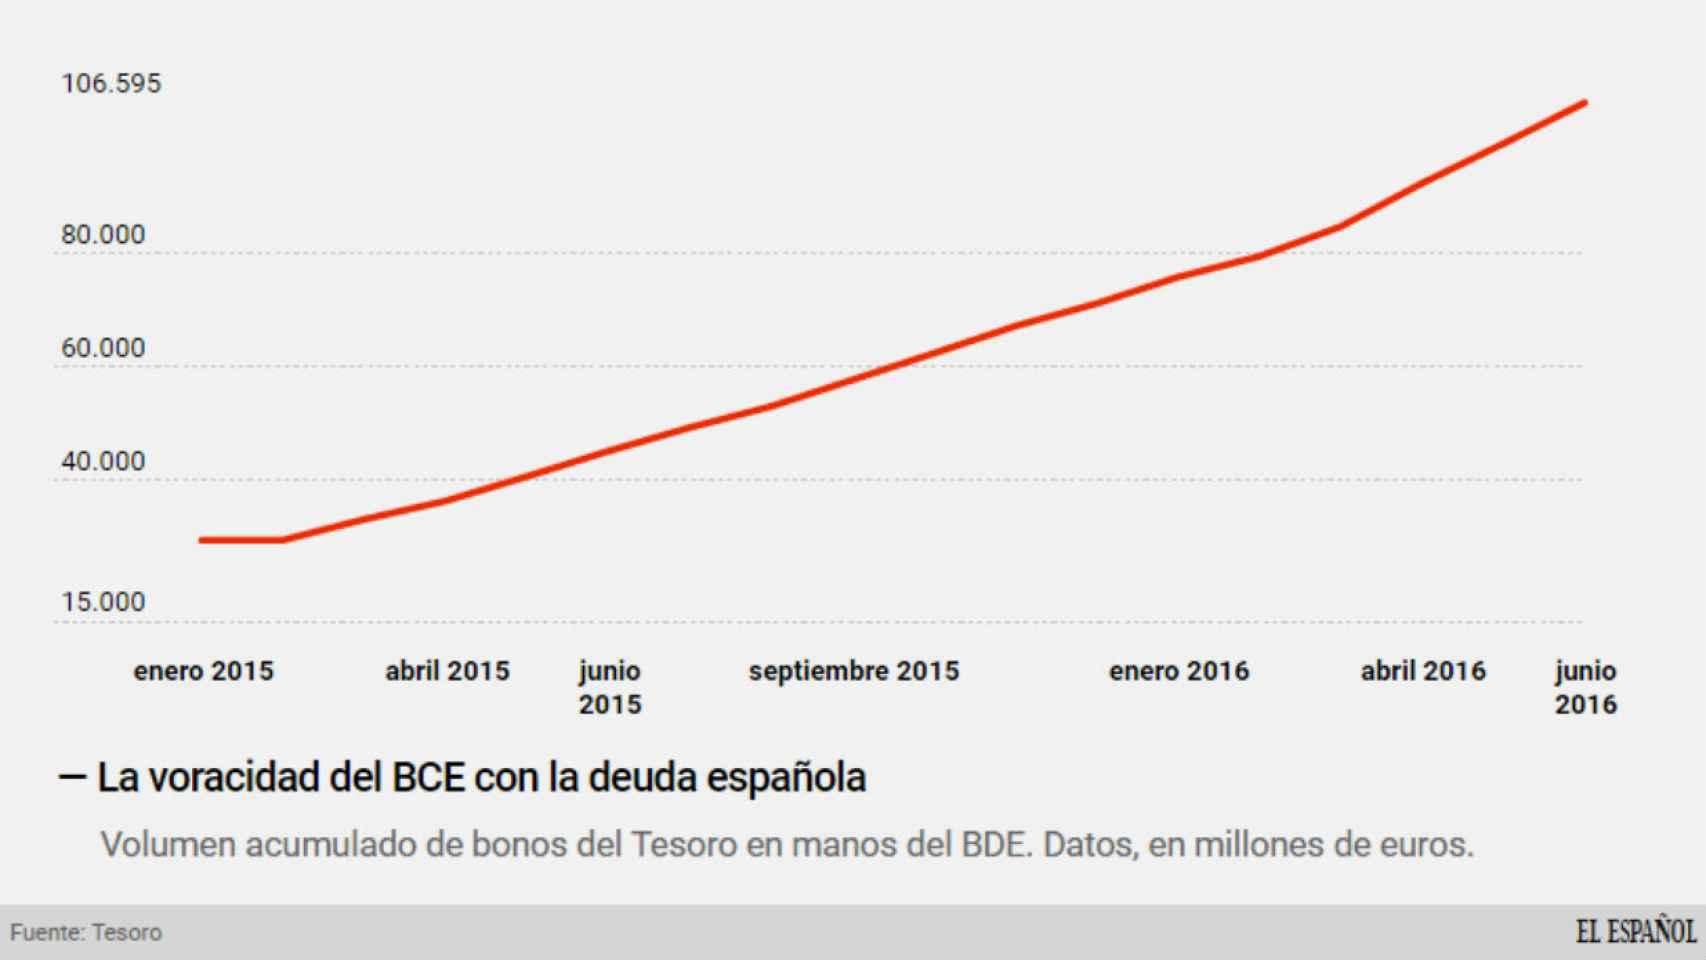 Compras del BCE de bonos del Tesoro.